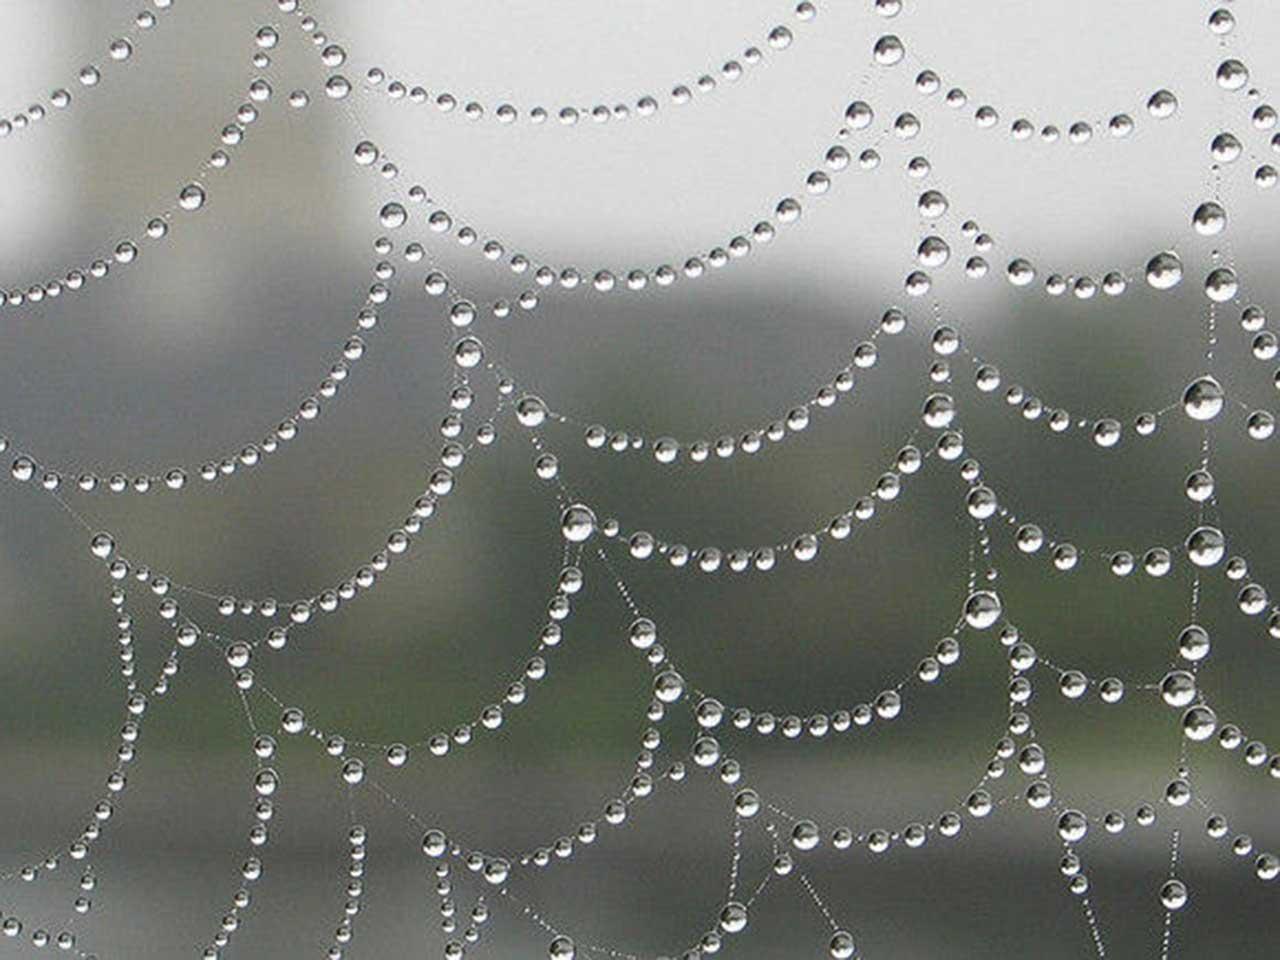 dew drops web wallpaper for ipad